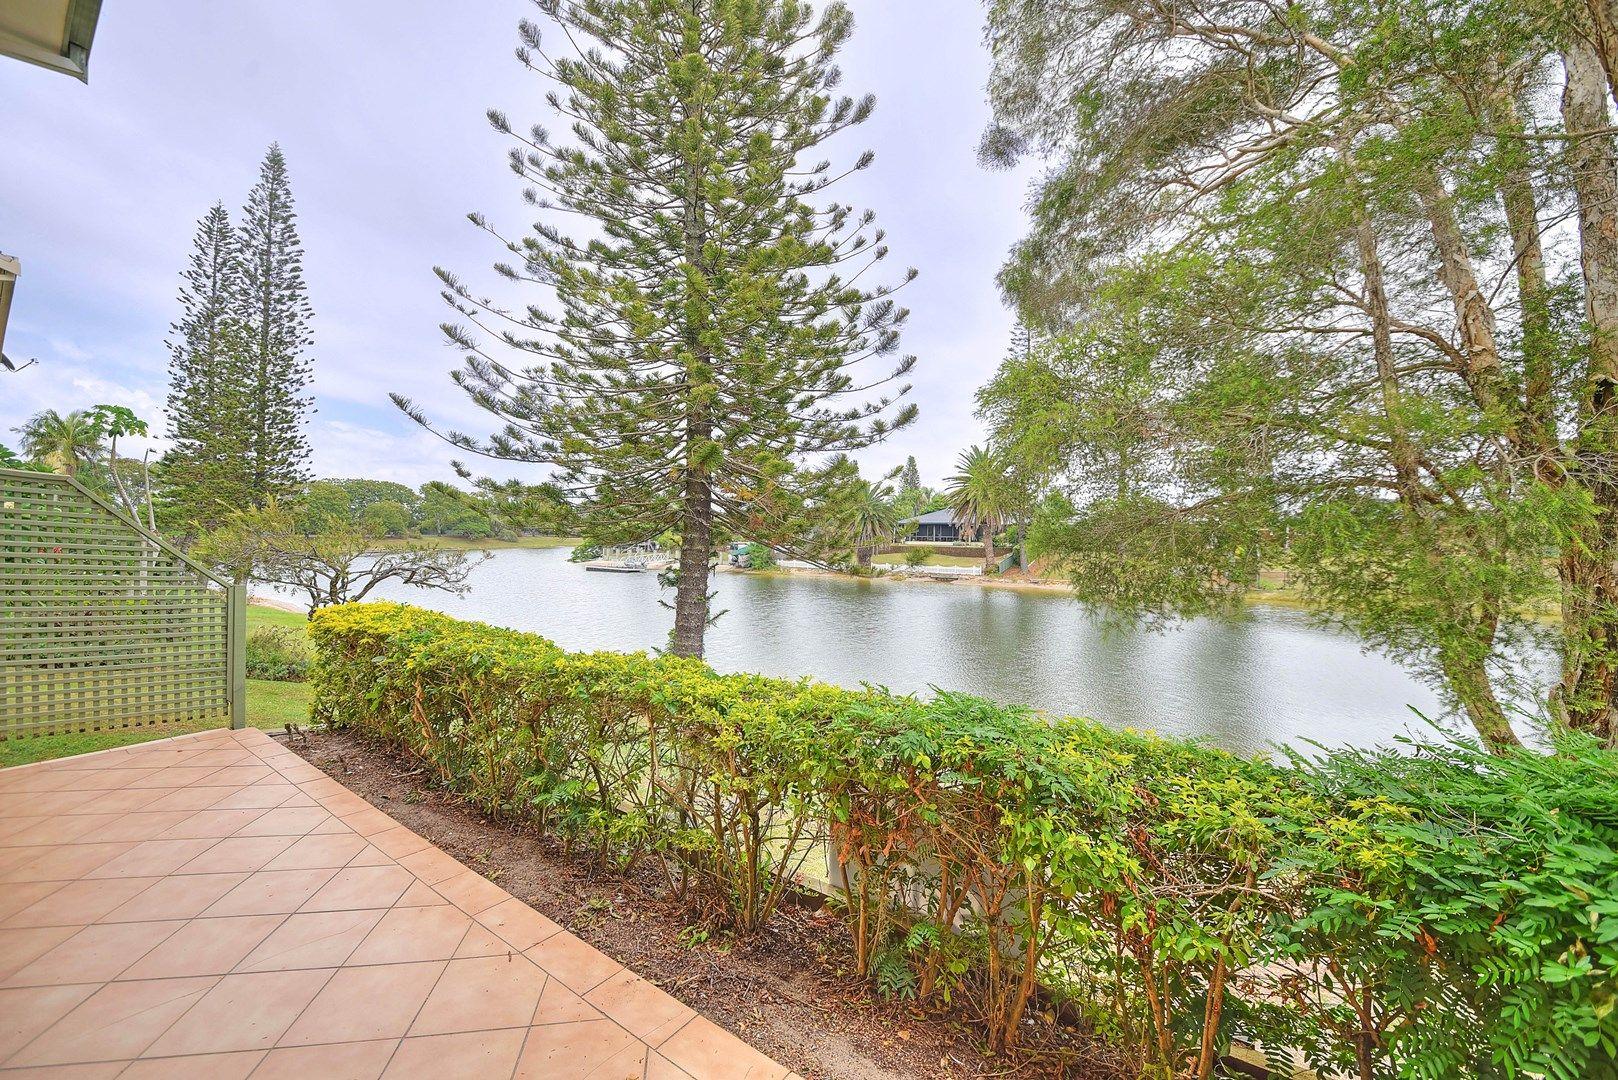 2/45 Karbunya Street, Mermaid Waters QLD 4218, Image 0